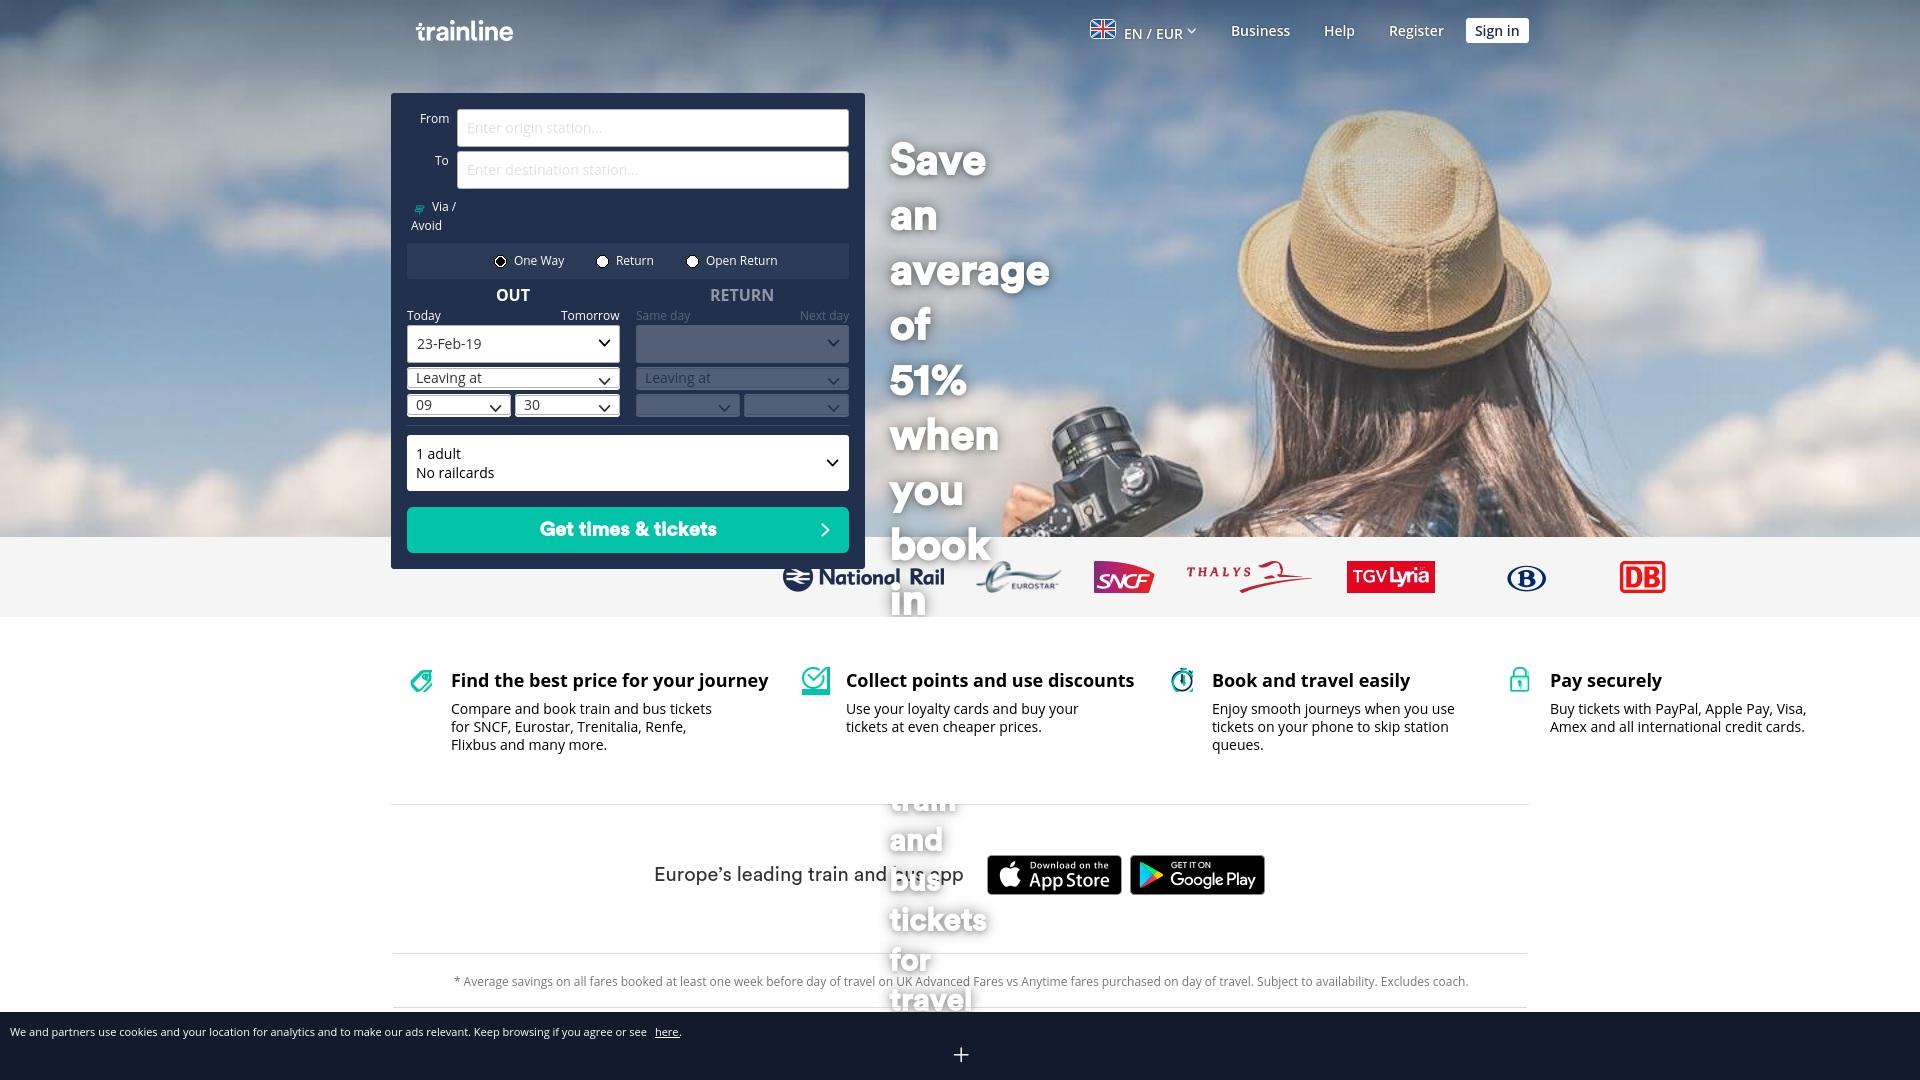 Gutschein für Trainline: Rabatte für  Trainline sichern